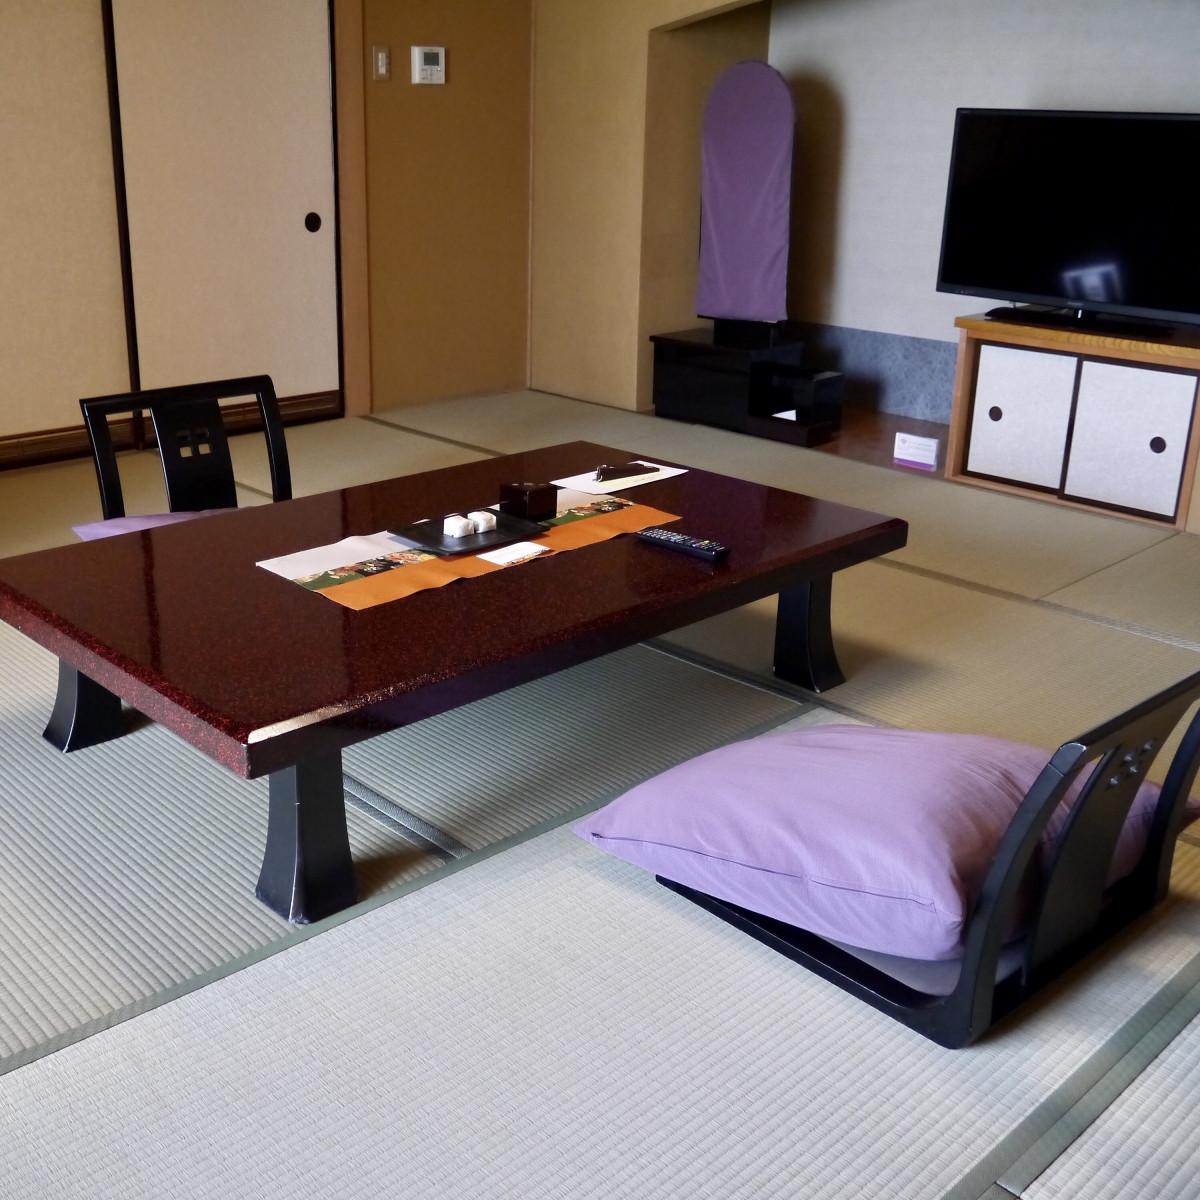 【女子旅】贅沢温泉宿で浴衣女子旅!美味すぎる日本酒情報も*吉祥やまなかレポート前編_1_2